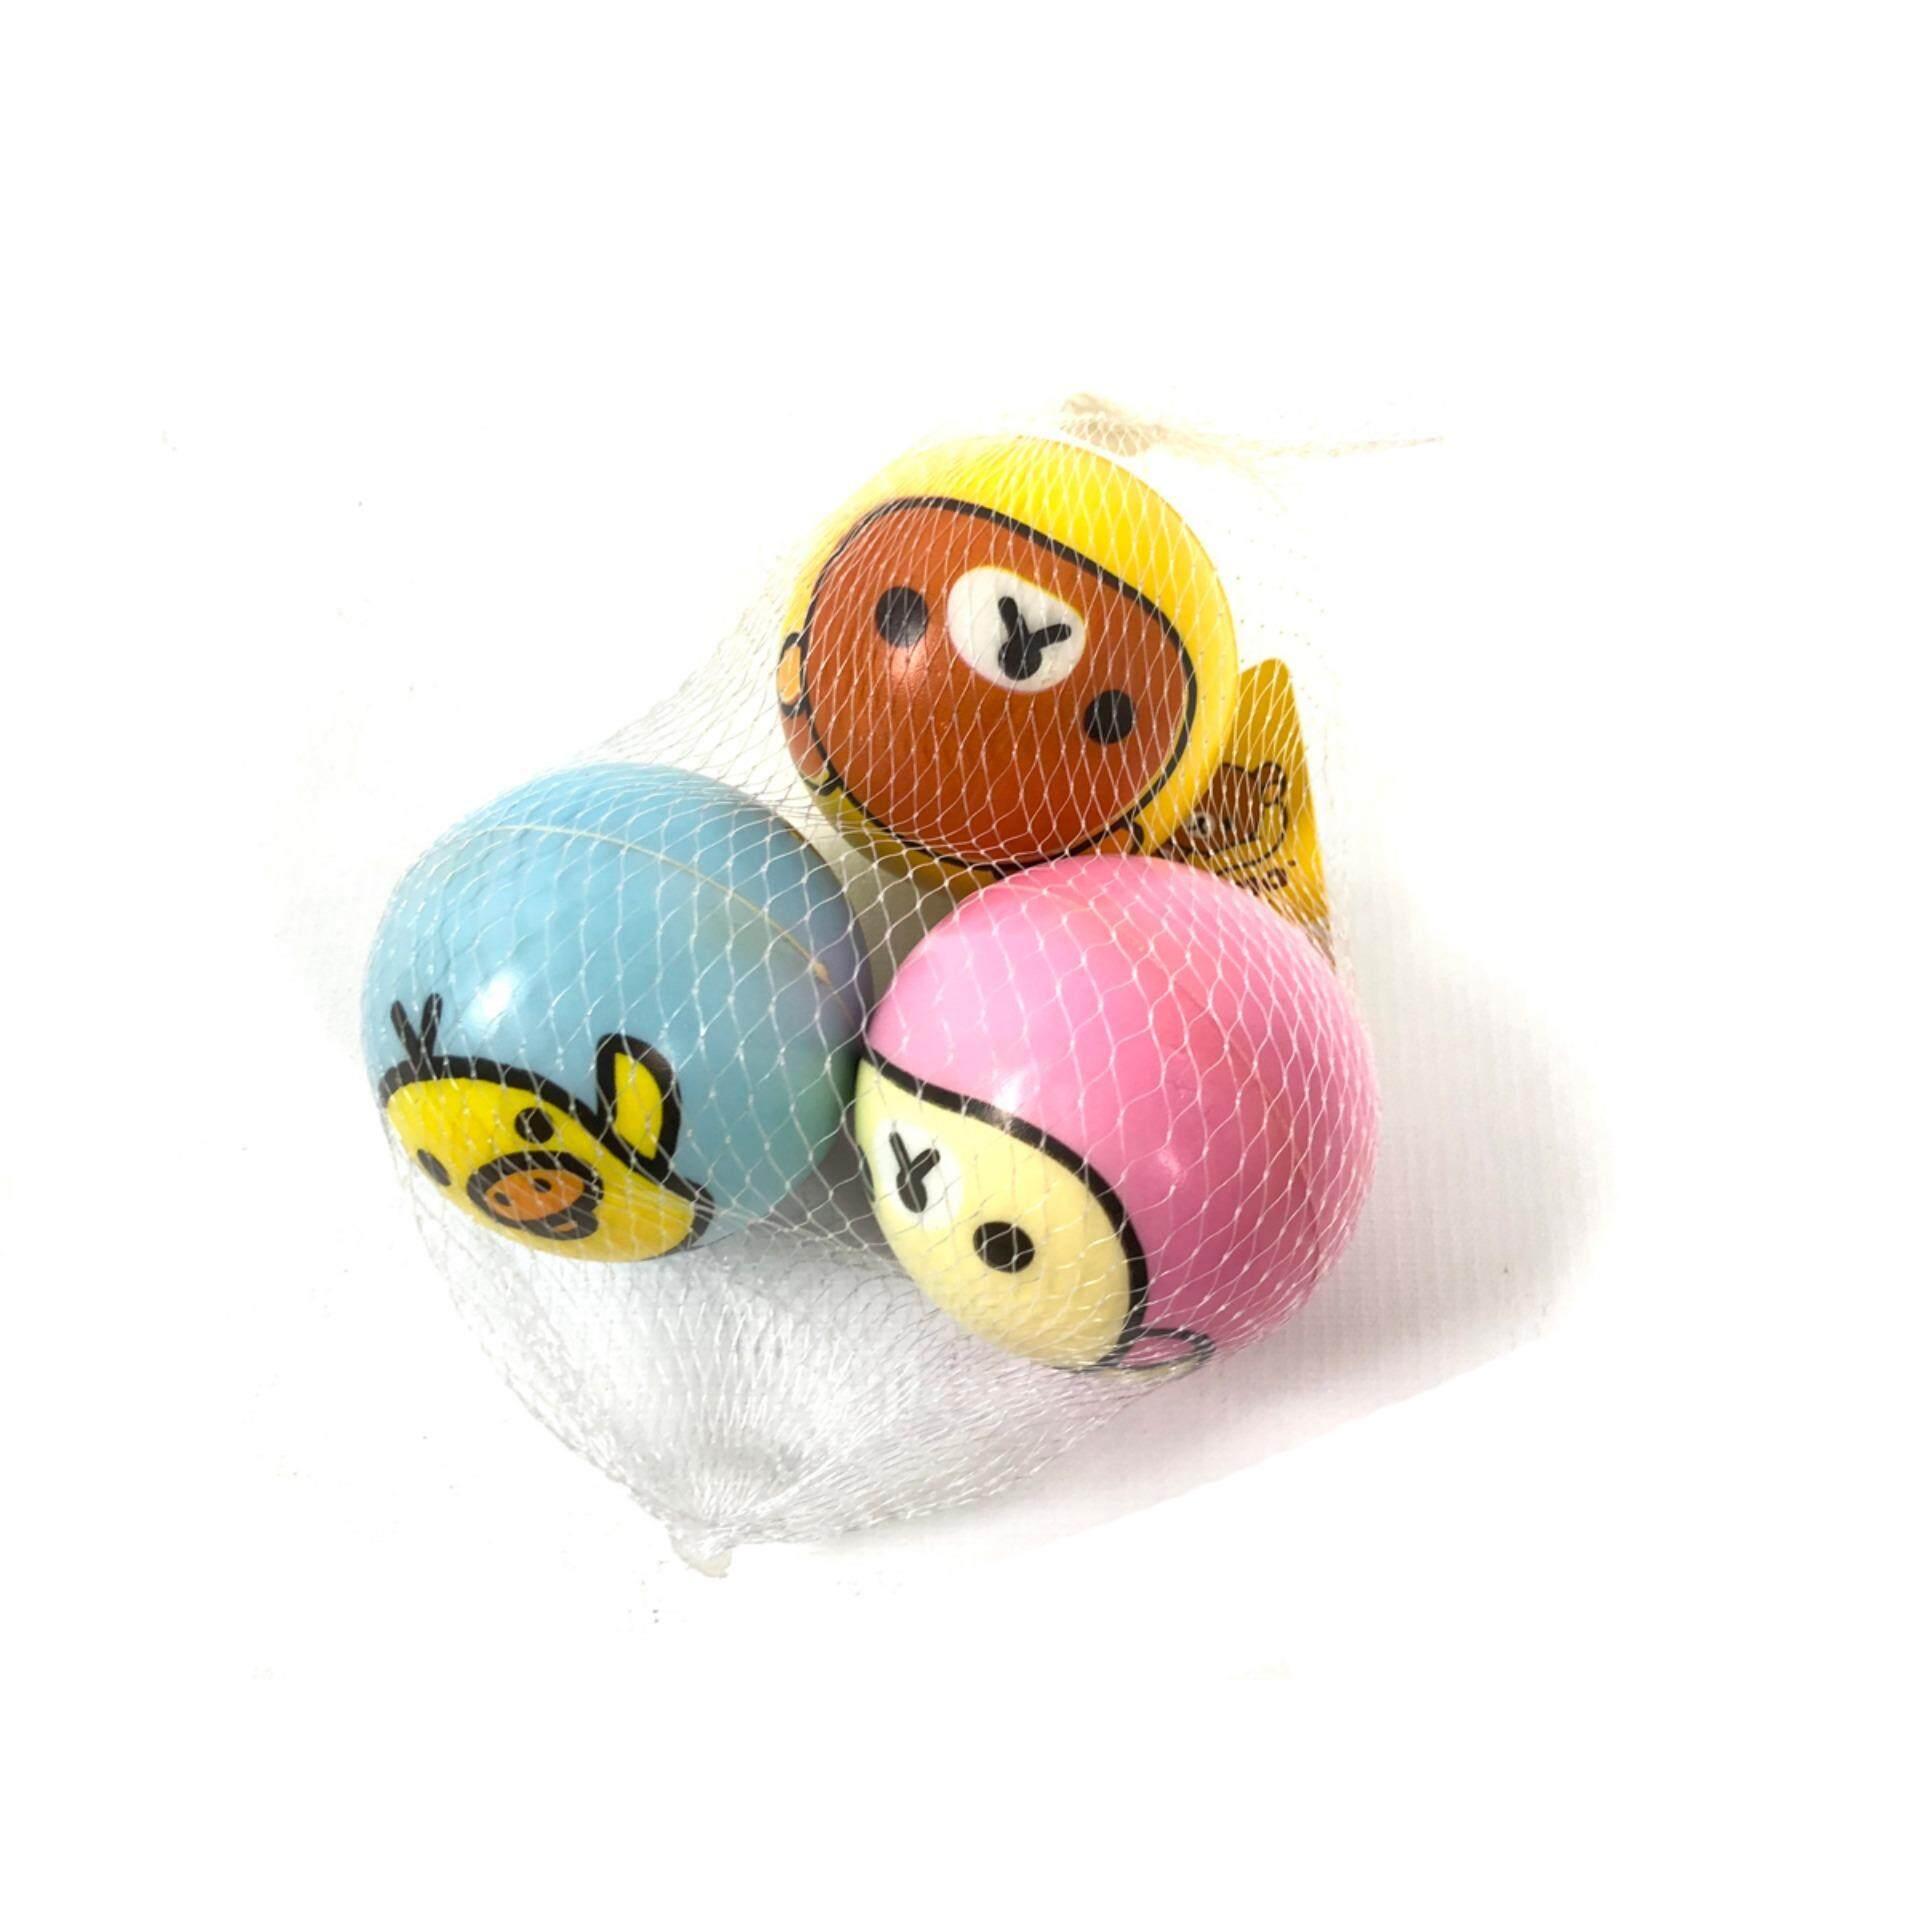 ริลัคคูมะ ของเล่น ลูกซอฟท์บอล 3 ลูก ริลัคคูมะ By Kidtoys.